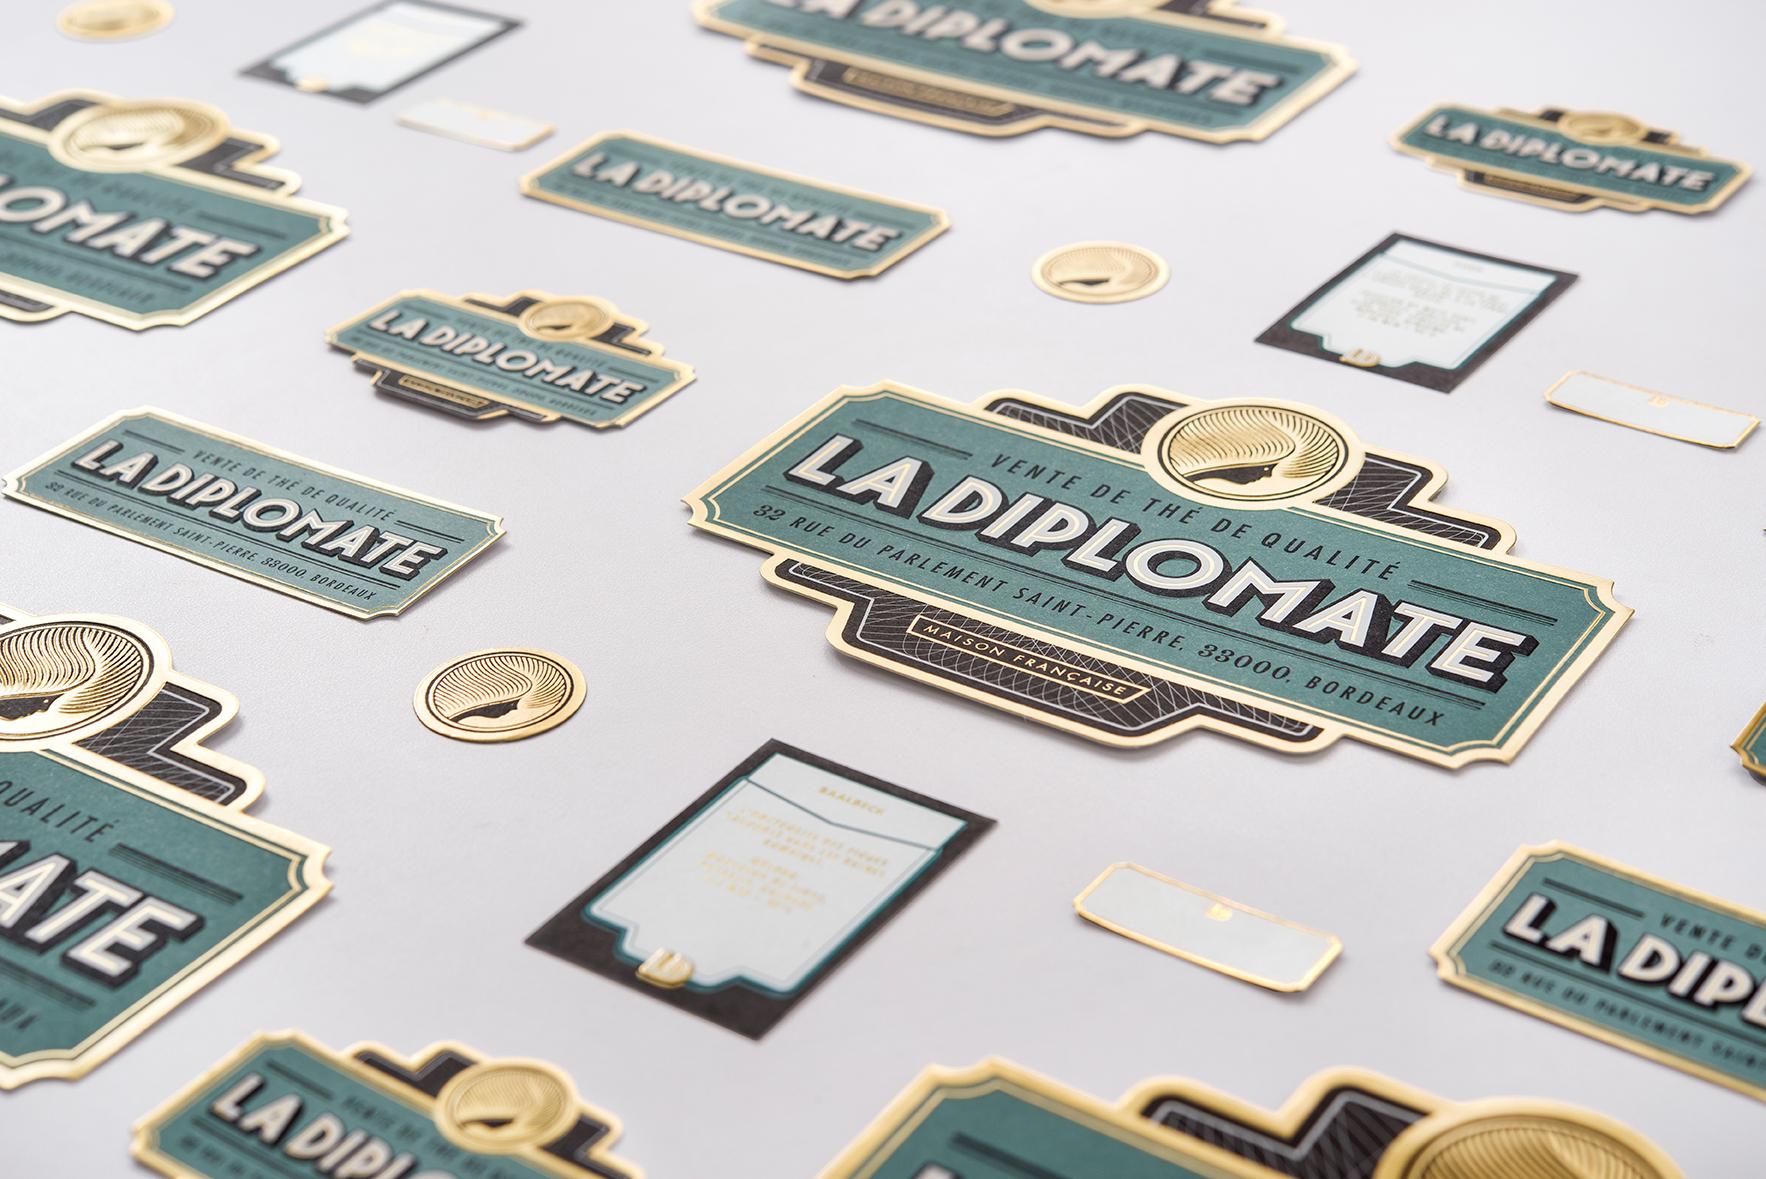 5 Projets de Branding, d'Identité ou de Redesign à voir #26